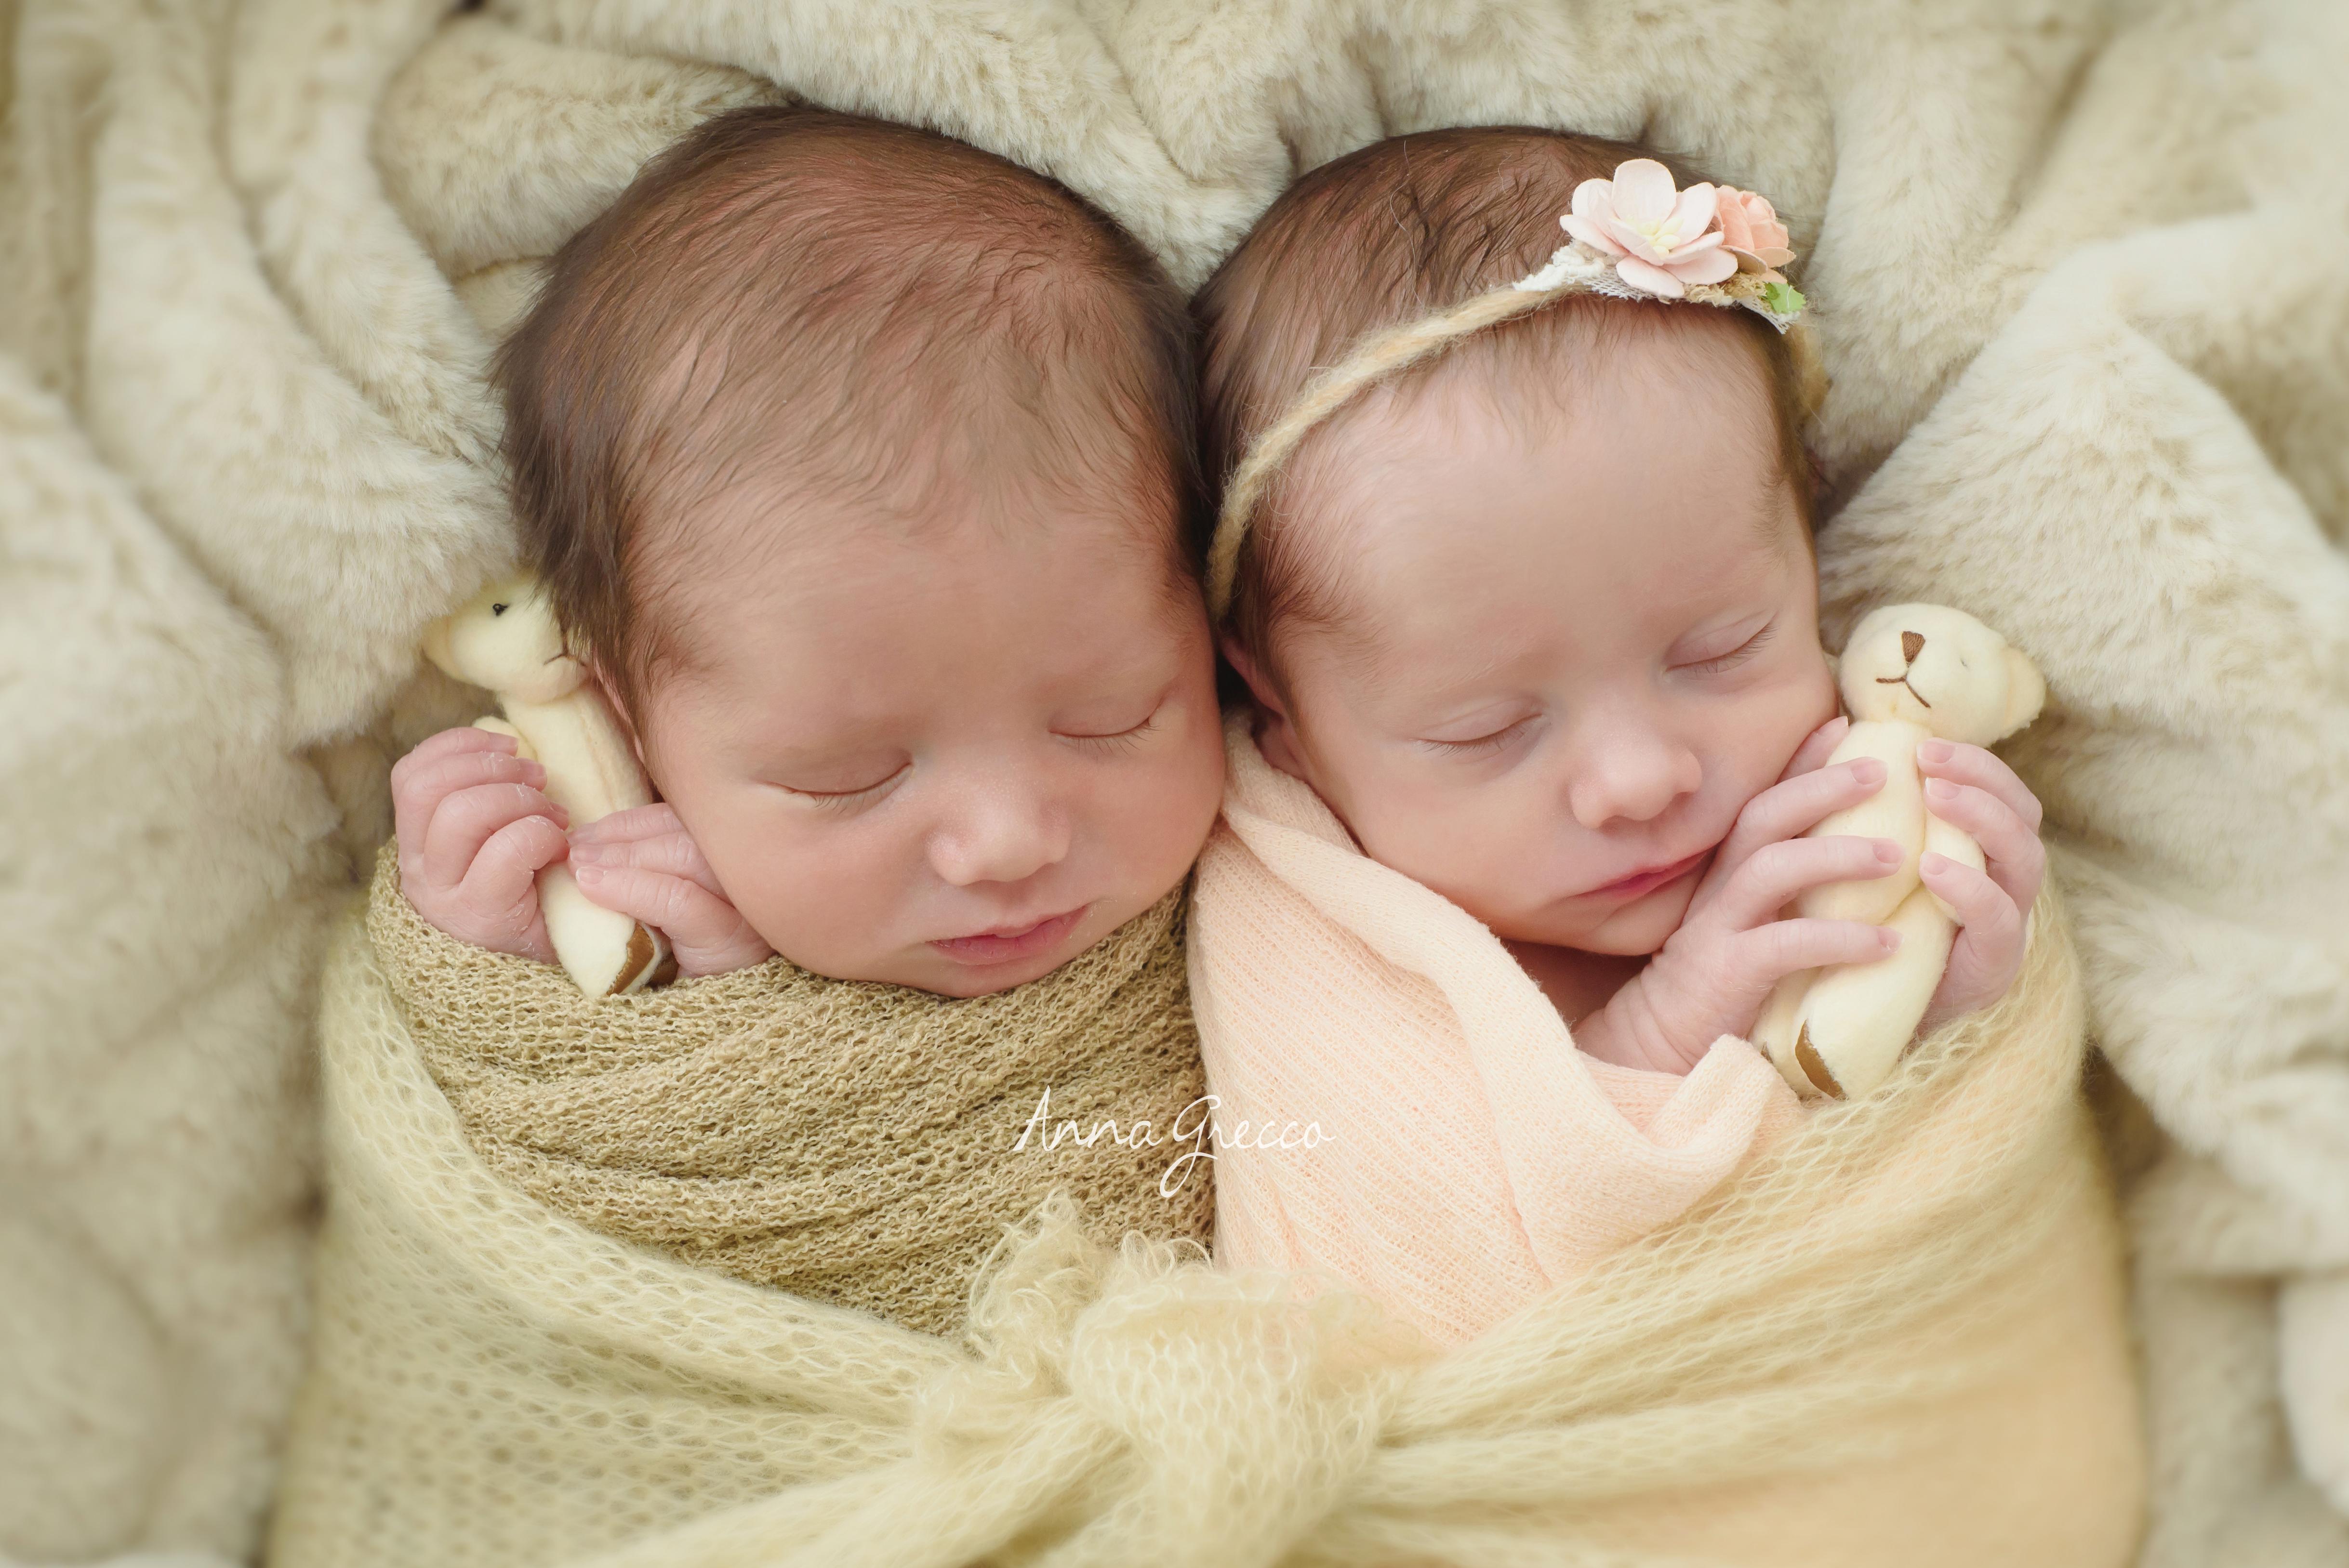 gemeos, bebes anna grecco campinas vinhedo sao paulo sp sessao de fotos ensaio fotografa fotos recem-nascido